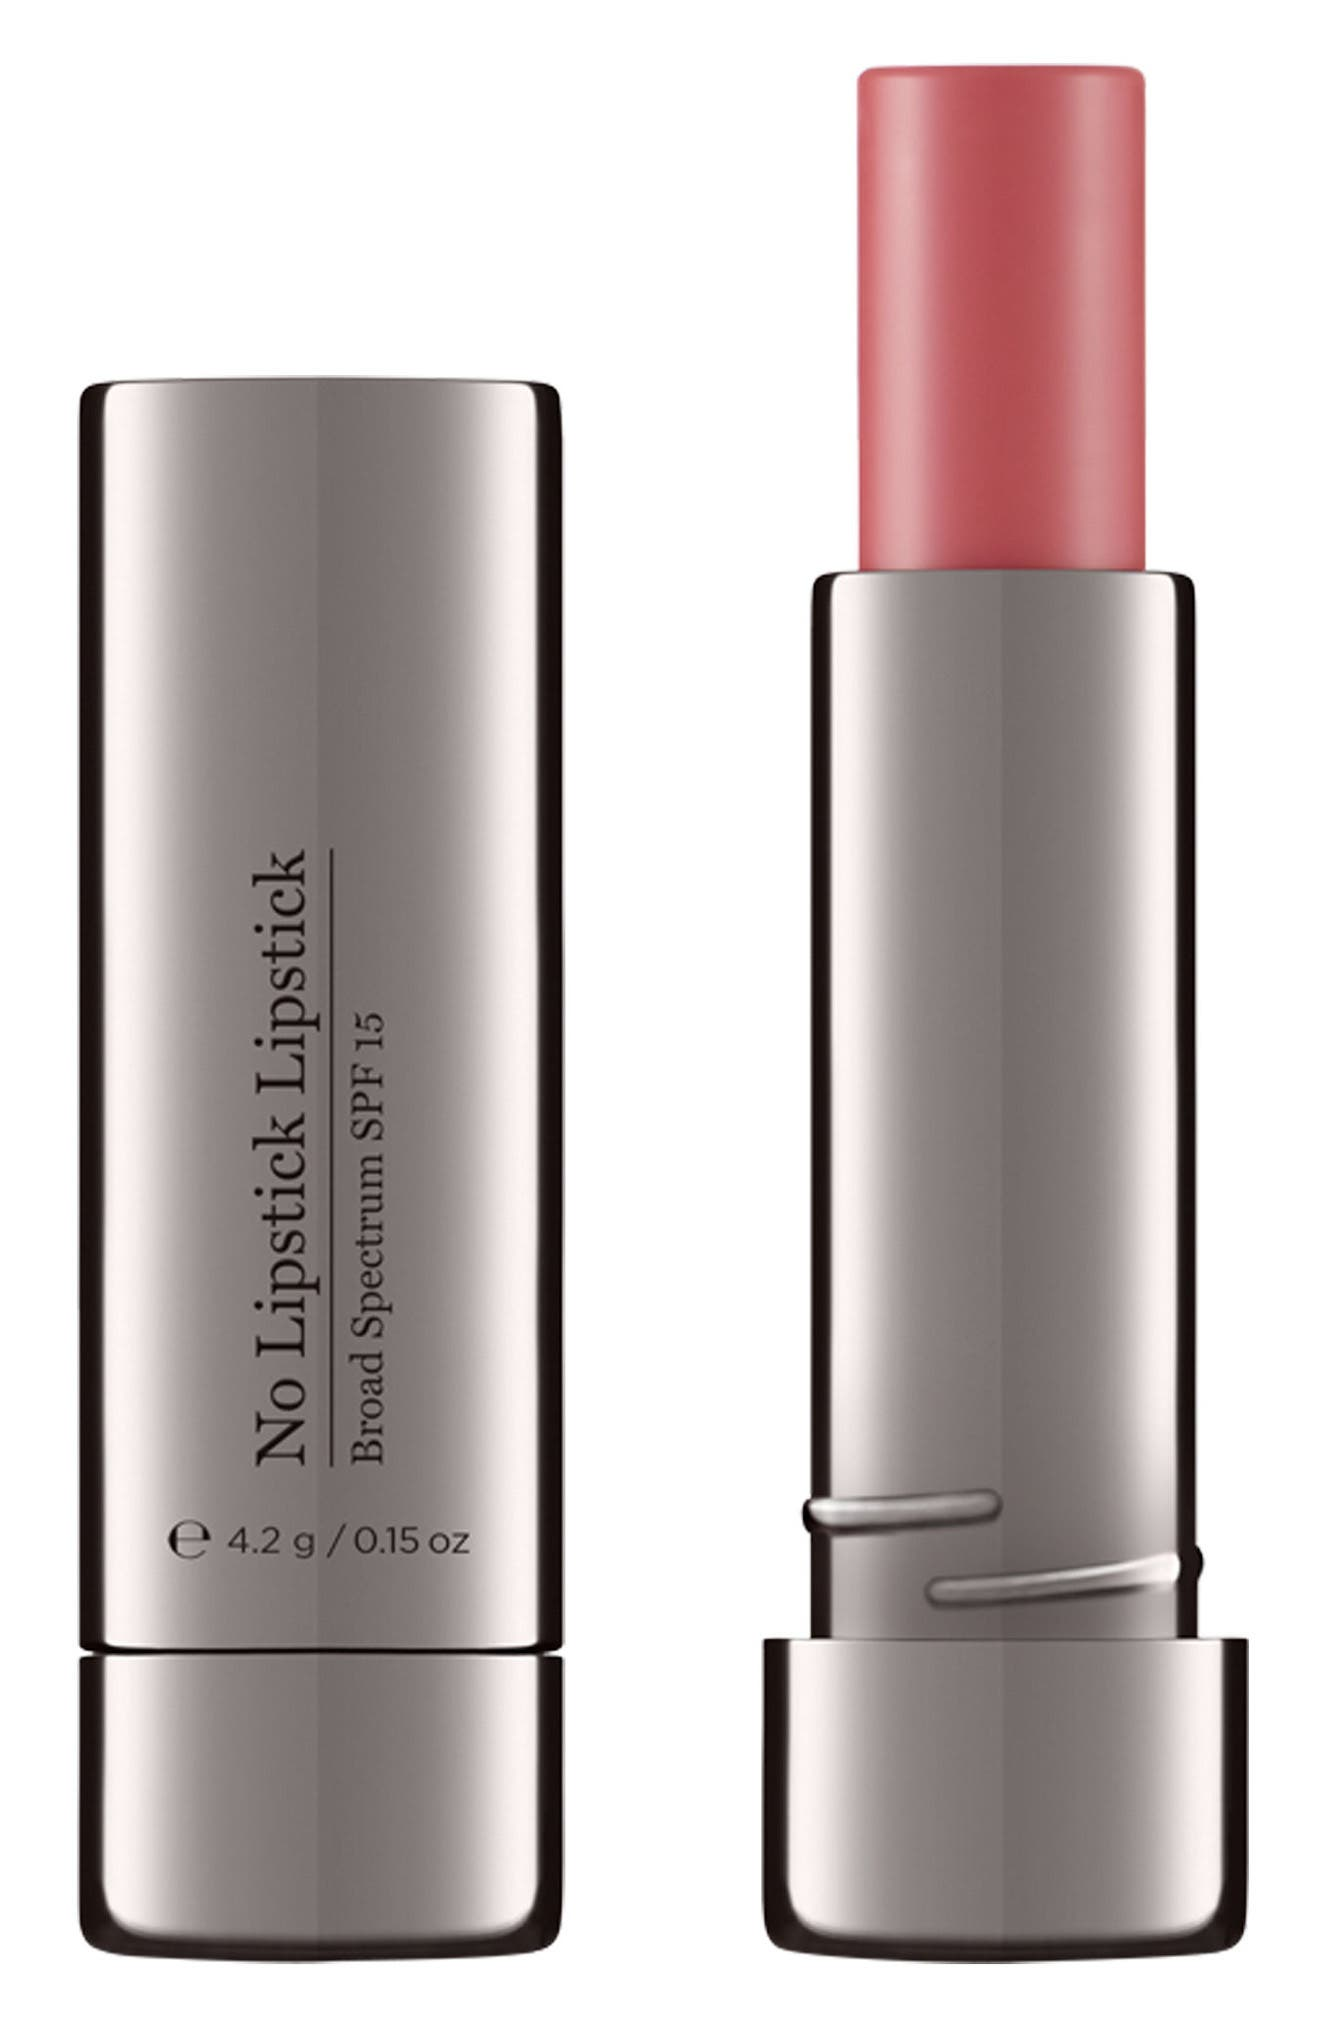 Perricone MD No Lipstick Lipstick SPF 15